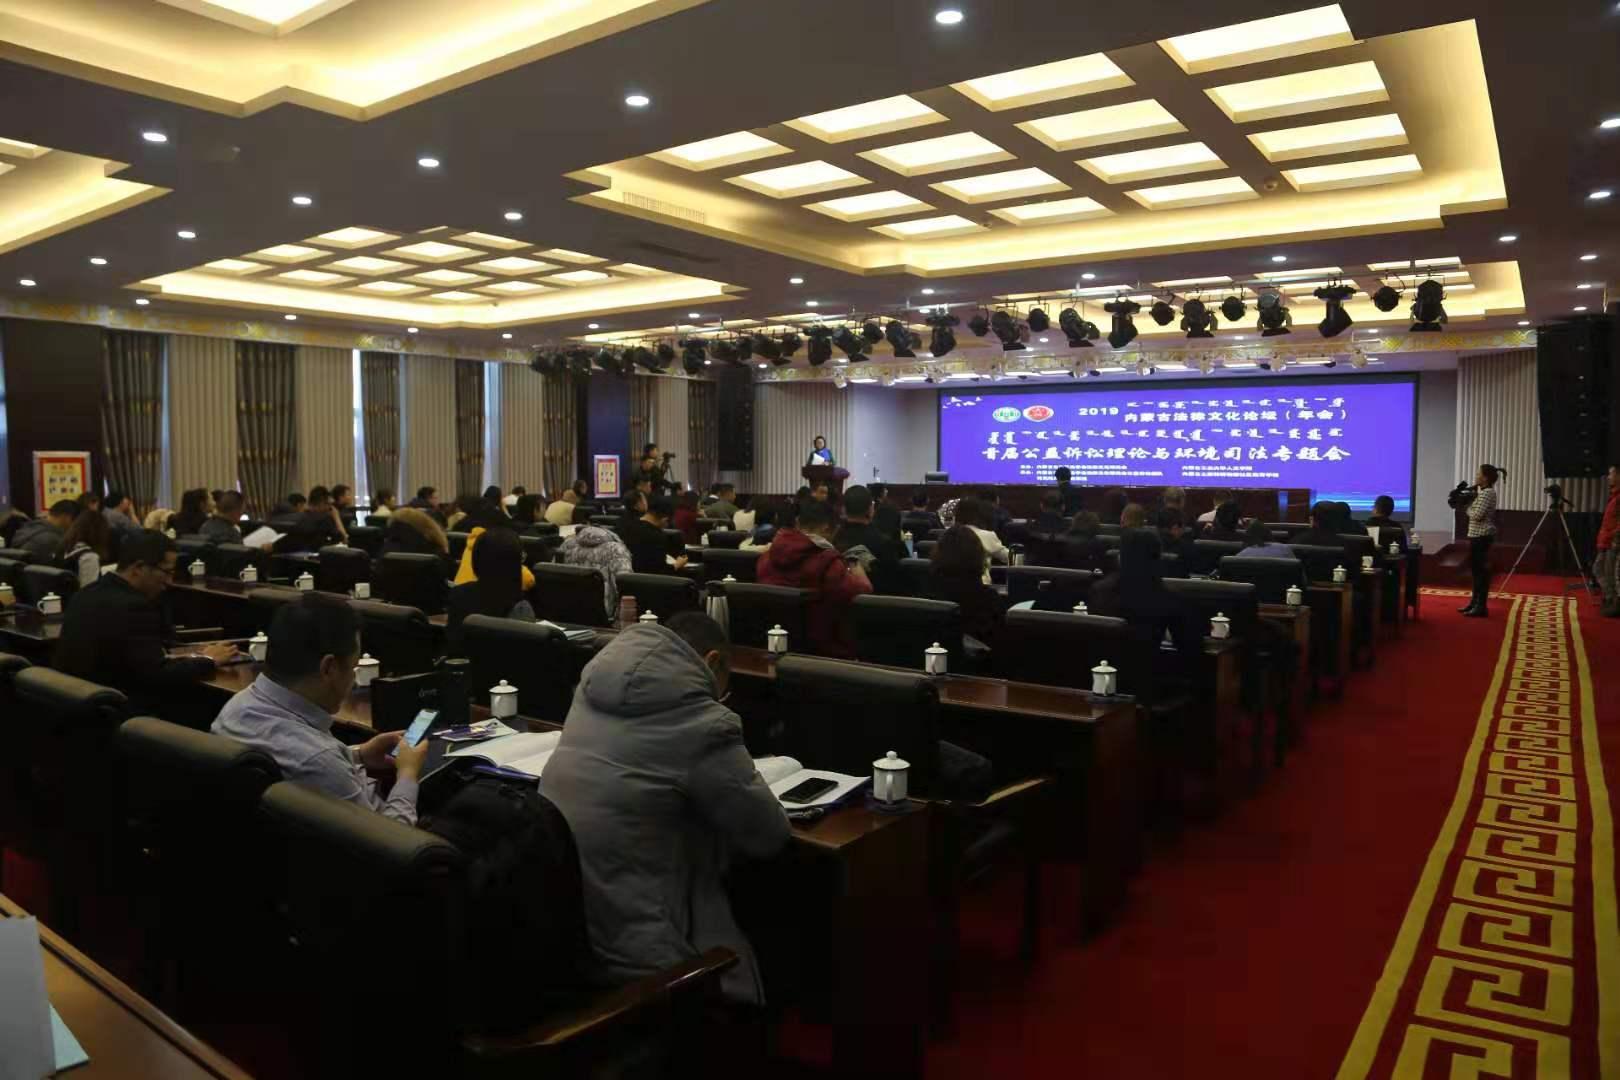 2019年12月10日,2019内蒙古法律文化论坛(年会)——首届公益诉讼理论与环境司法专题会在托克托县举行。.jpg